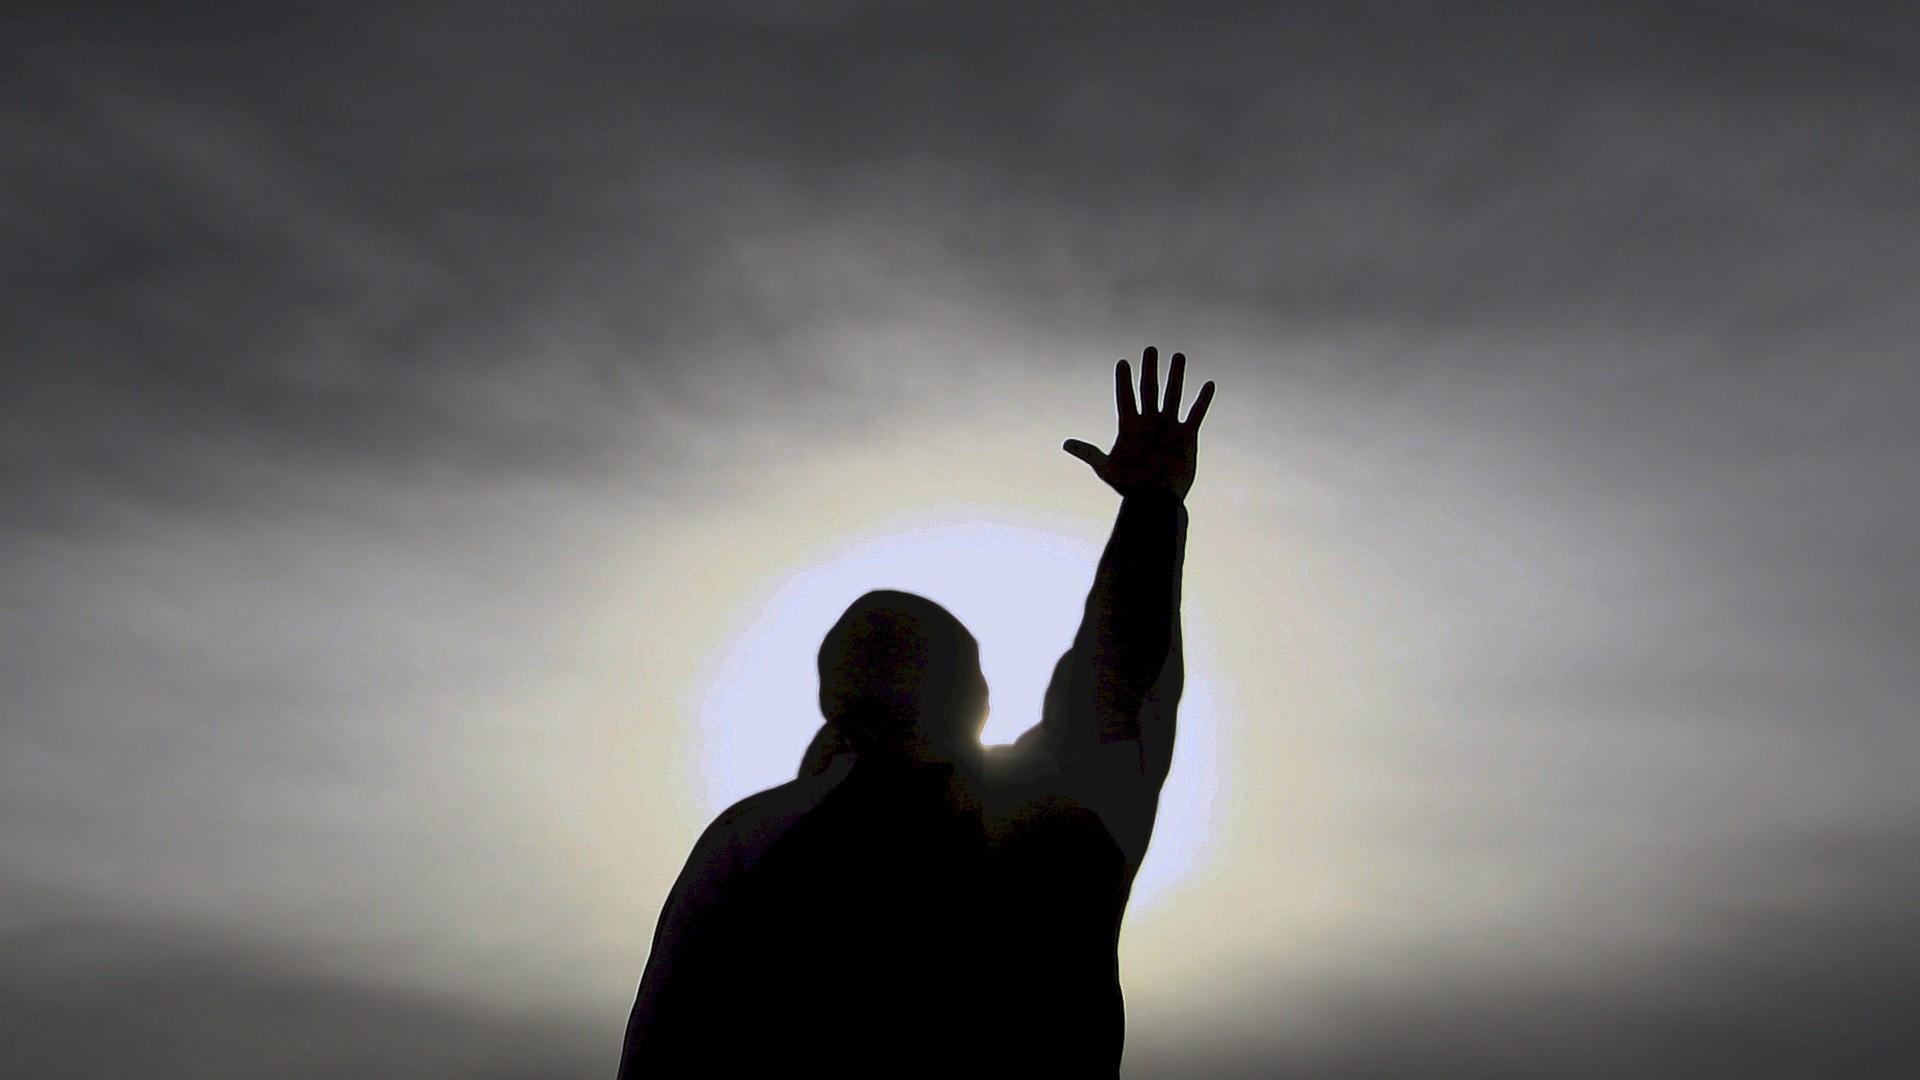 man-praying-whand-raised